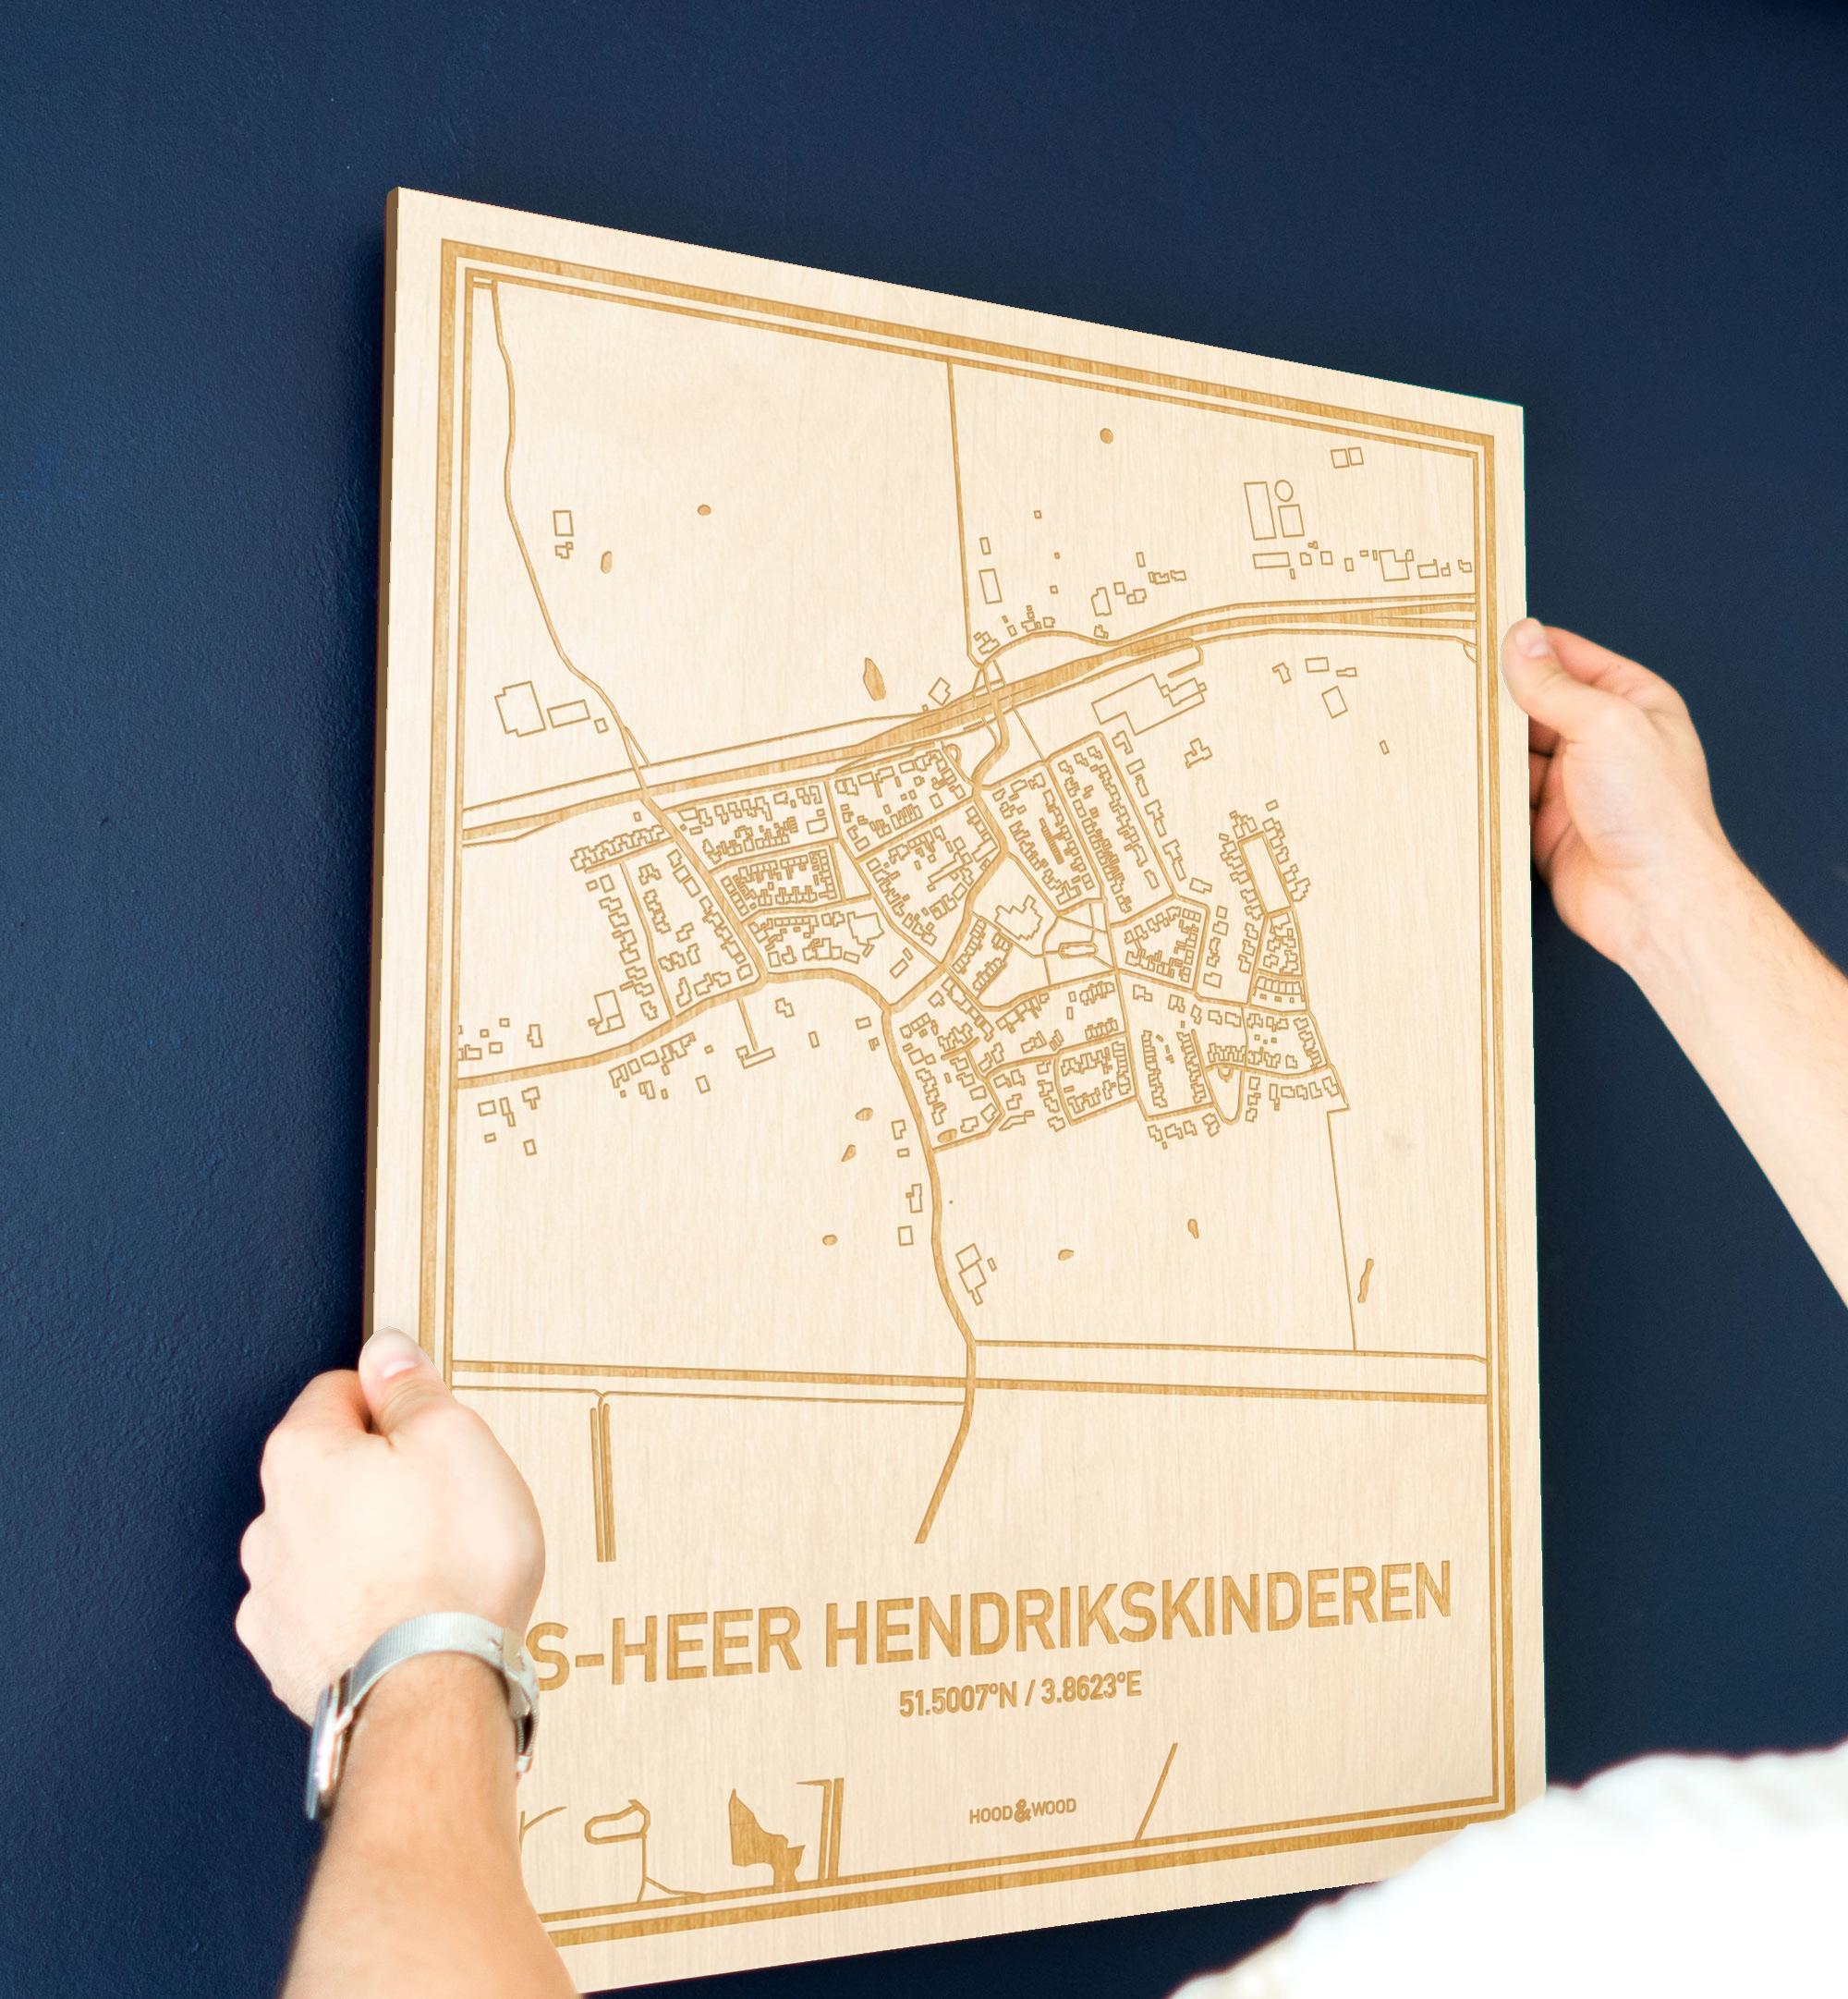 Een man hangt de houten plattegrond 's-Heer Hendrikskinderen aan zijn blauwe muur ter decoratie. Je ziet alleen zijn handen de kaart van deze prachtige in Zeeland vasthouden.